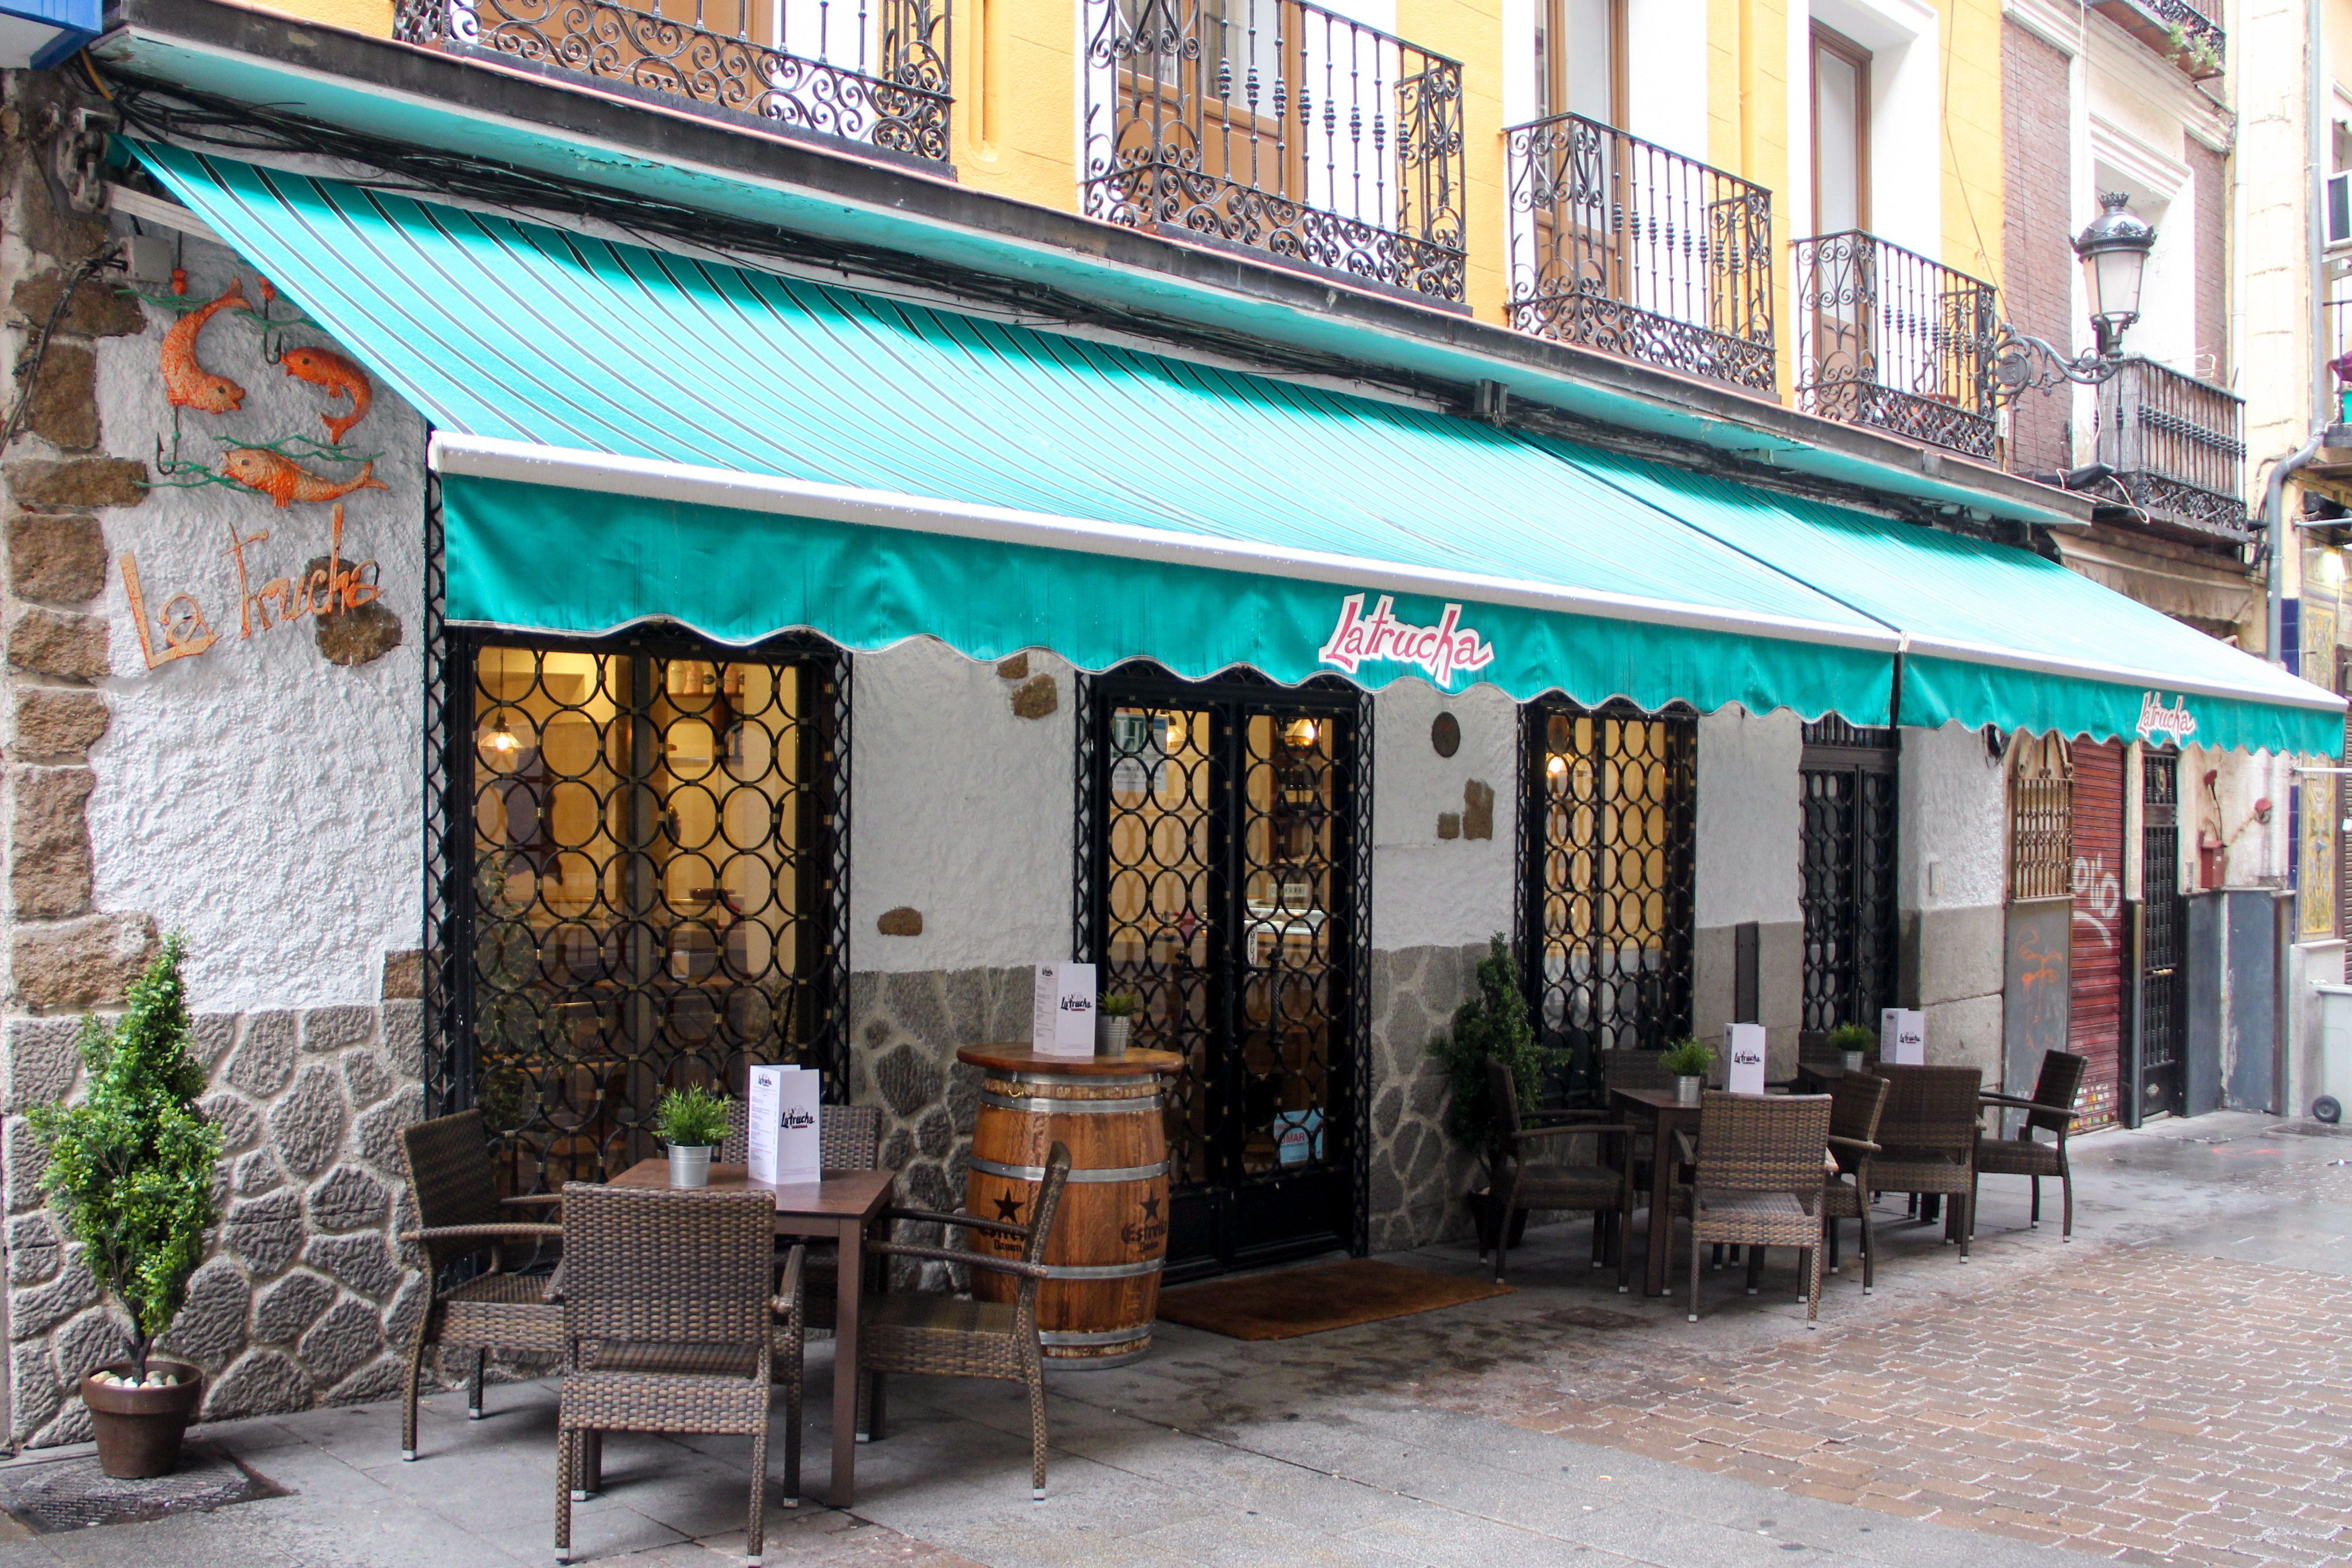 Cocina madrileña con un toque andaluz en el centro de Madrid